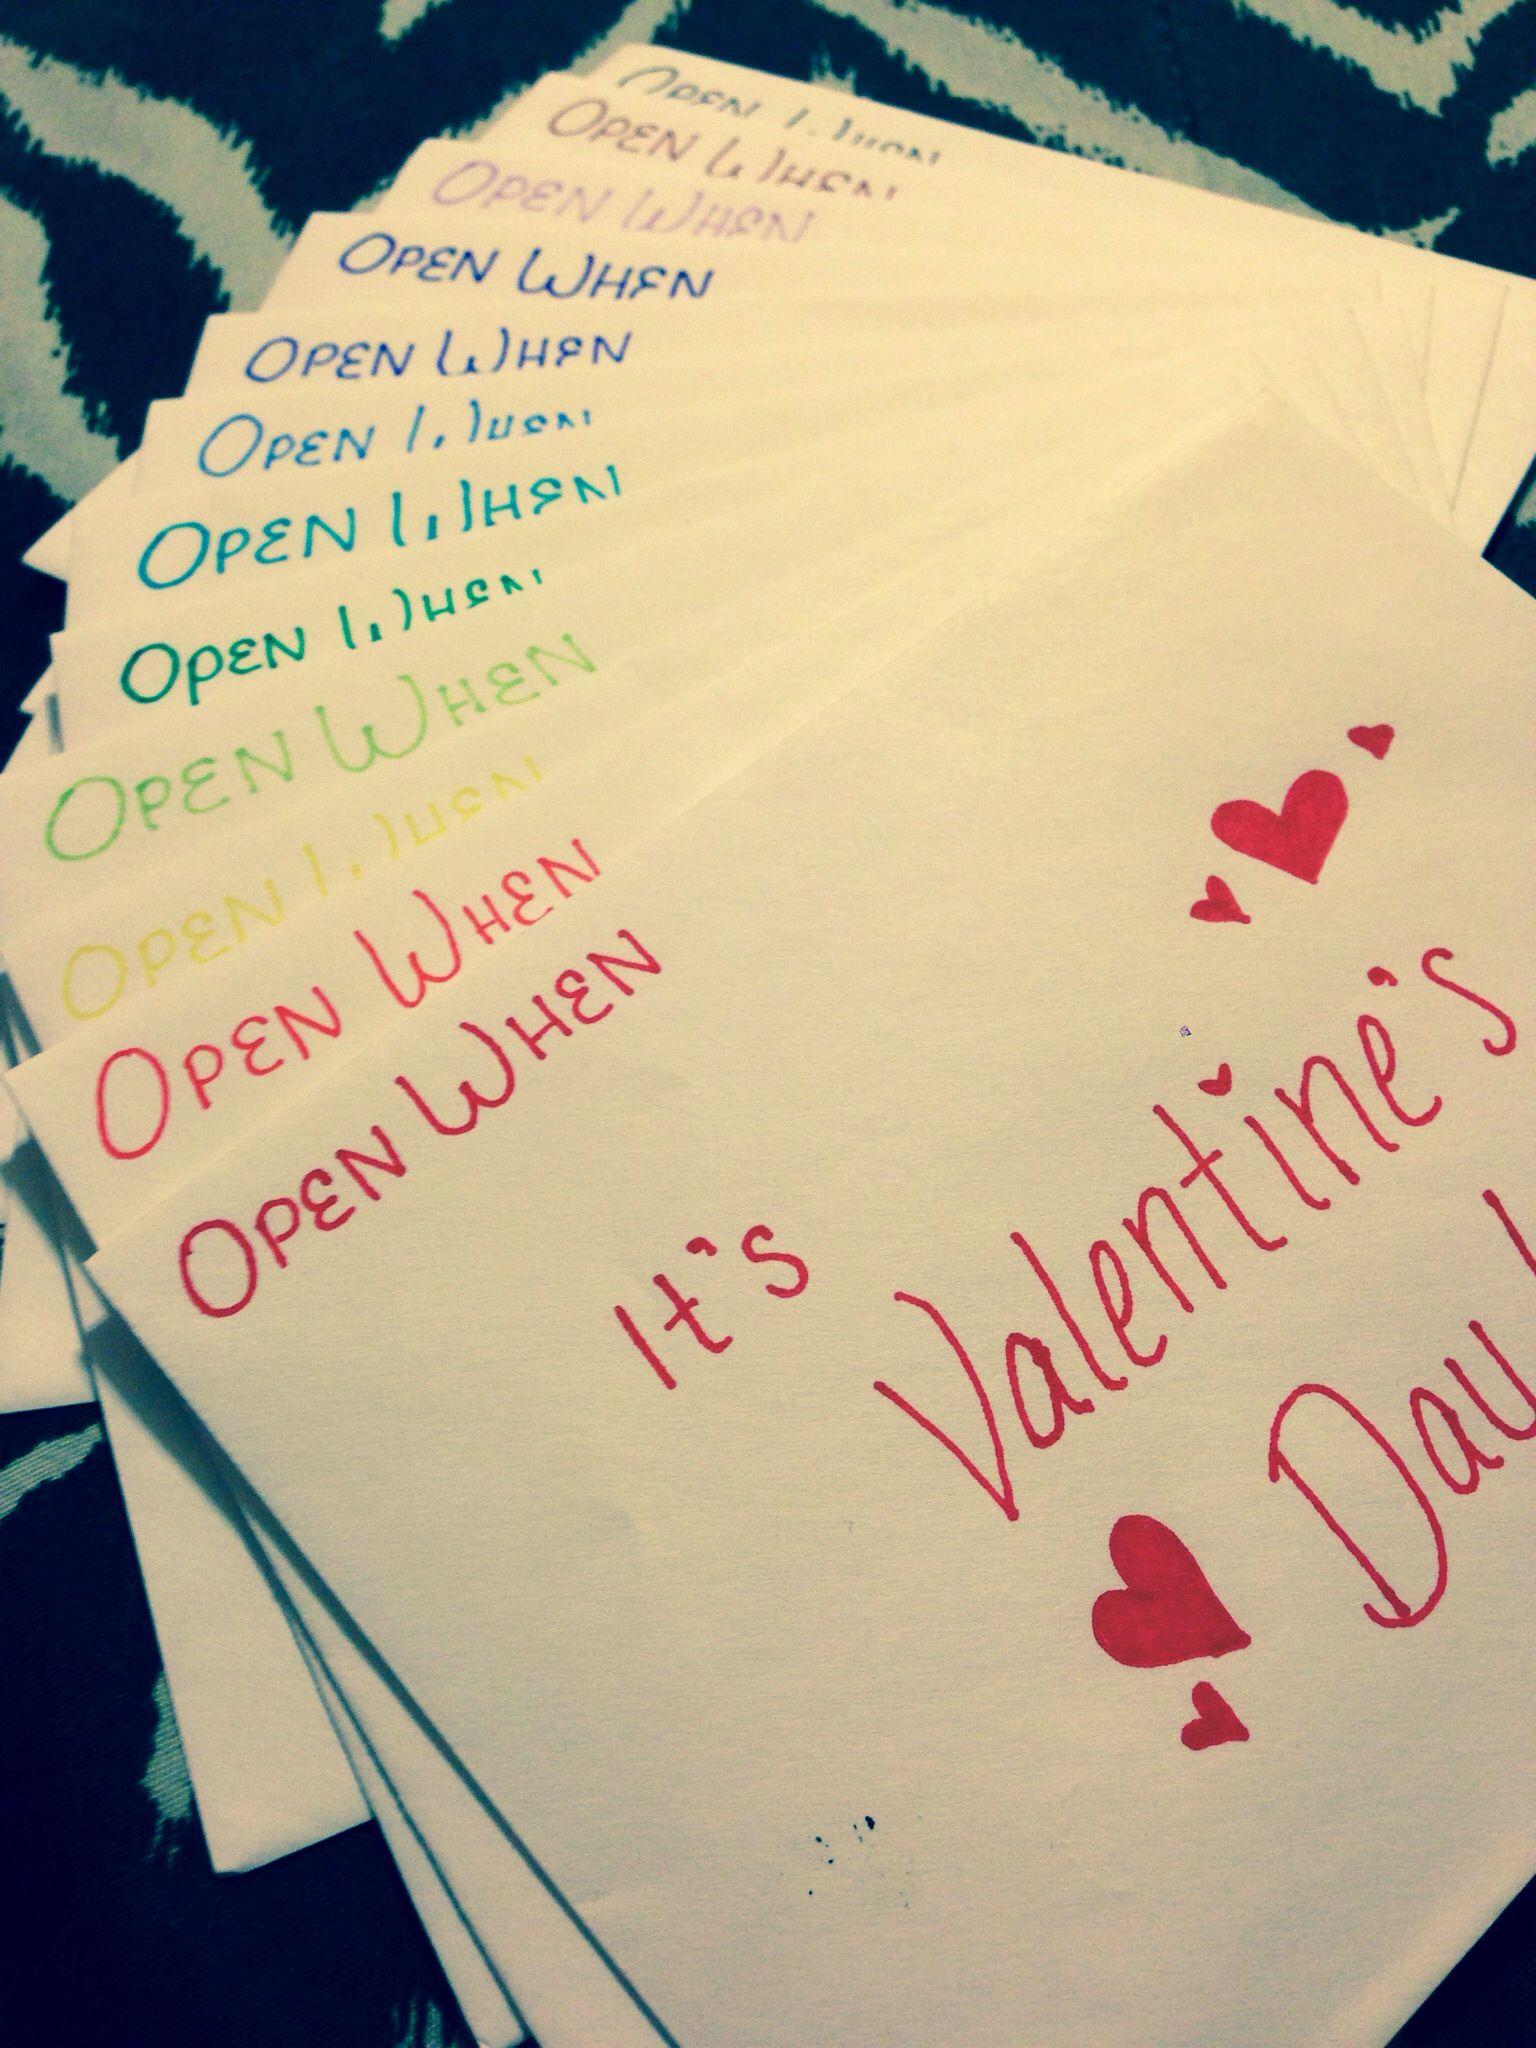 Open when letters for my boyfriend great diy gift for him for Perfect gift for my boyfriend